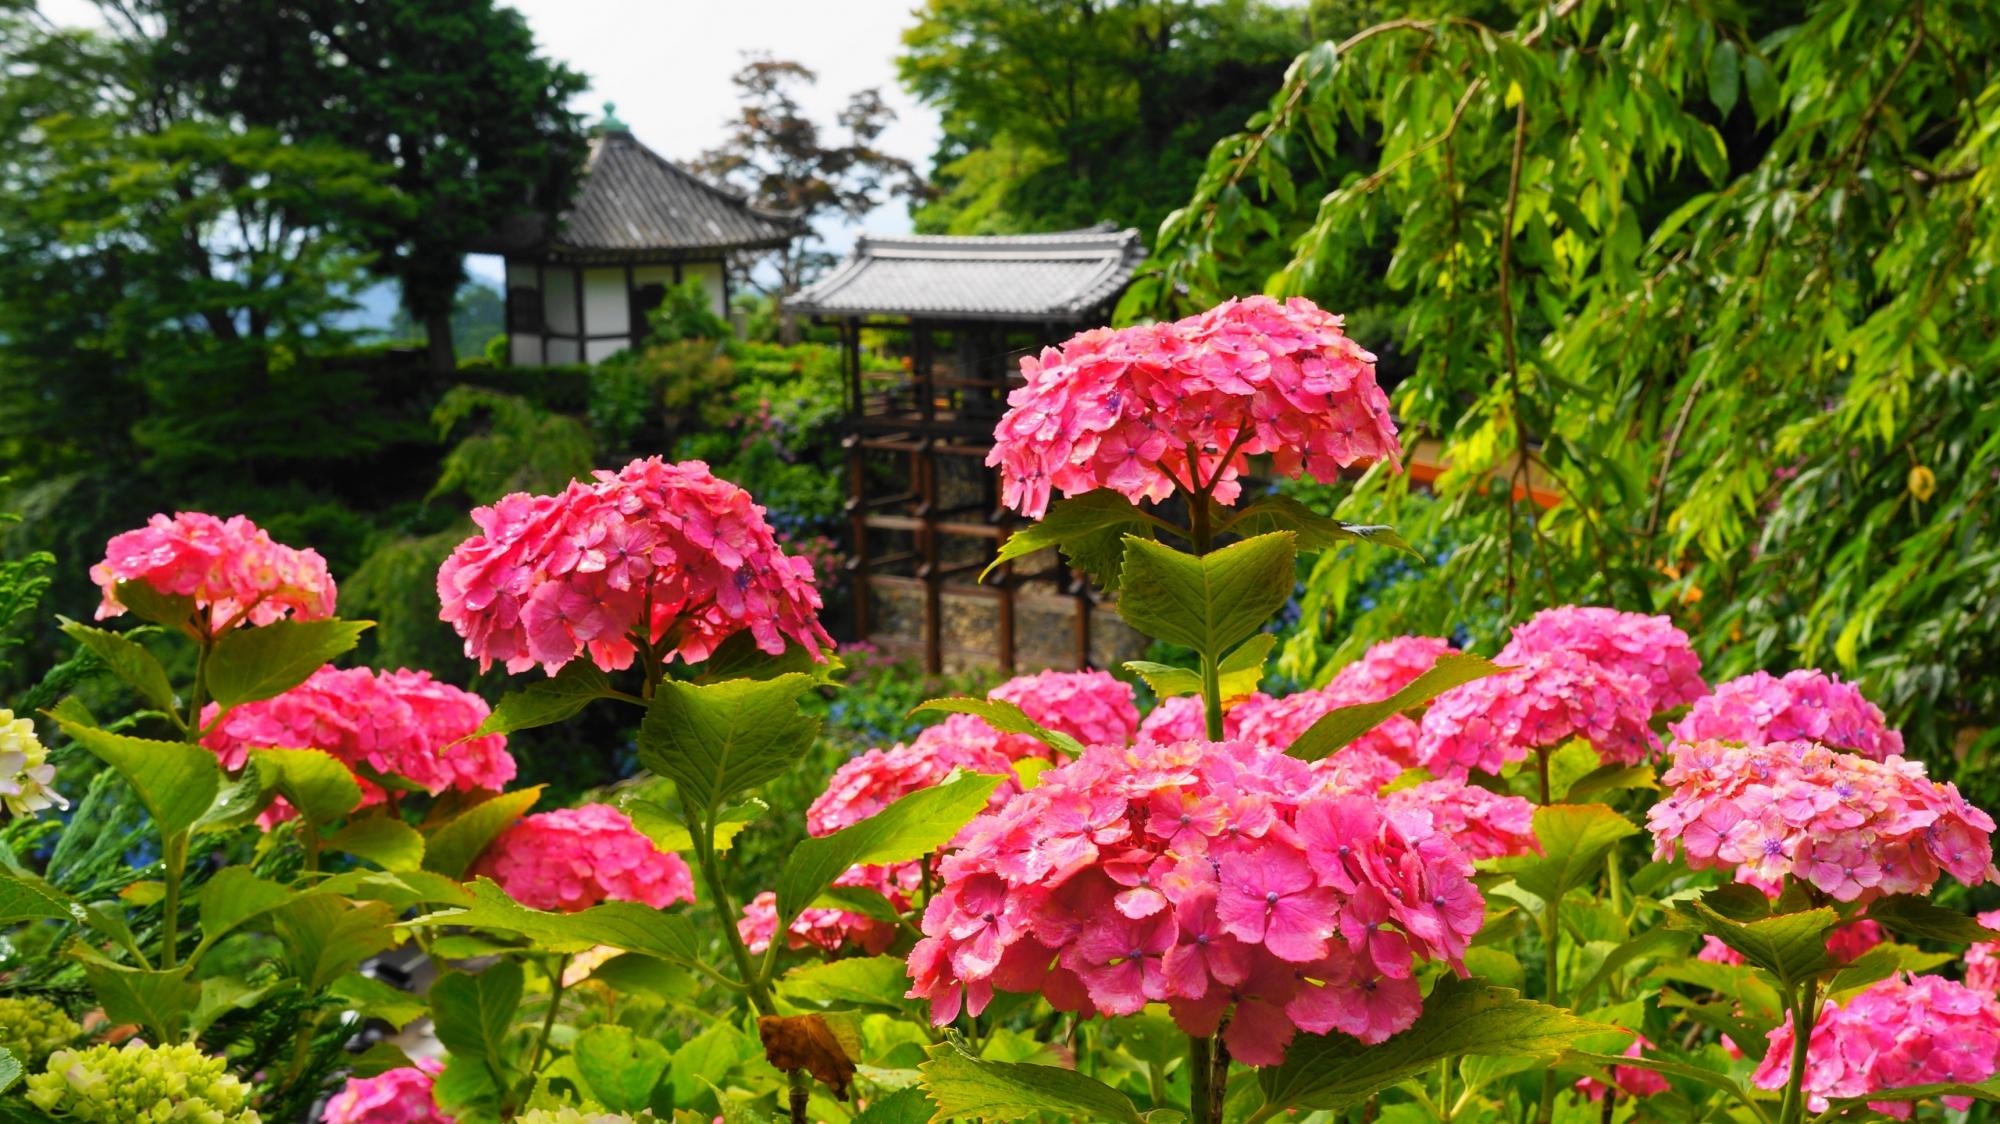 善峯寺の幸福地蔵さんを背景にした鮮やかな濃いピンクの紫陽花